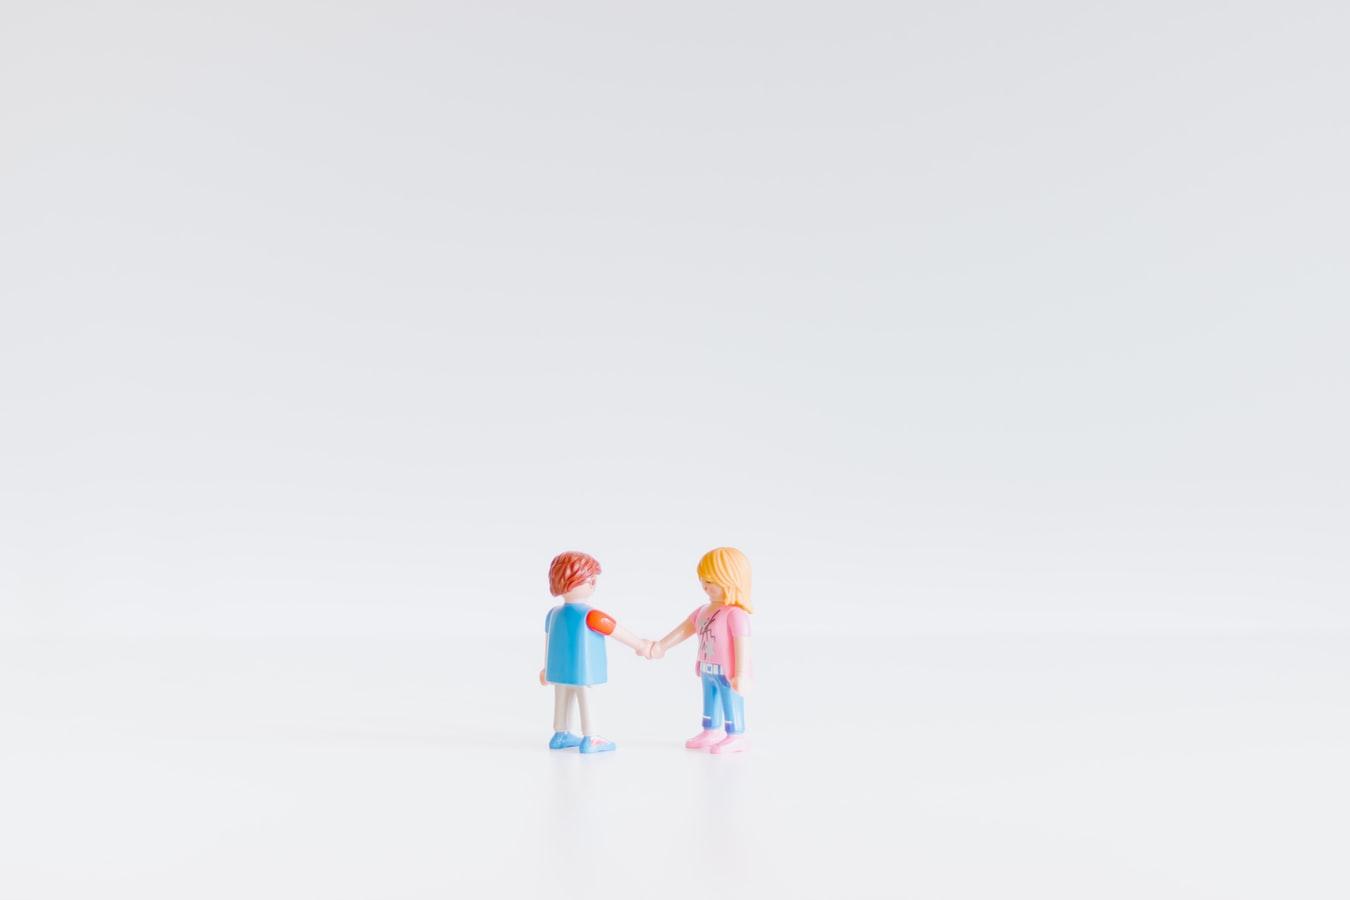 women vs men showing empathy at work